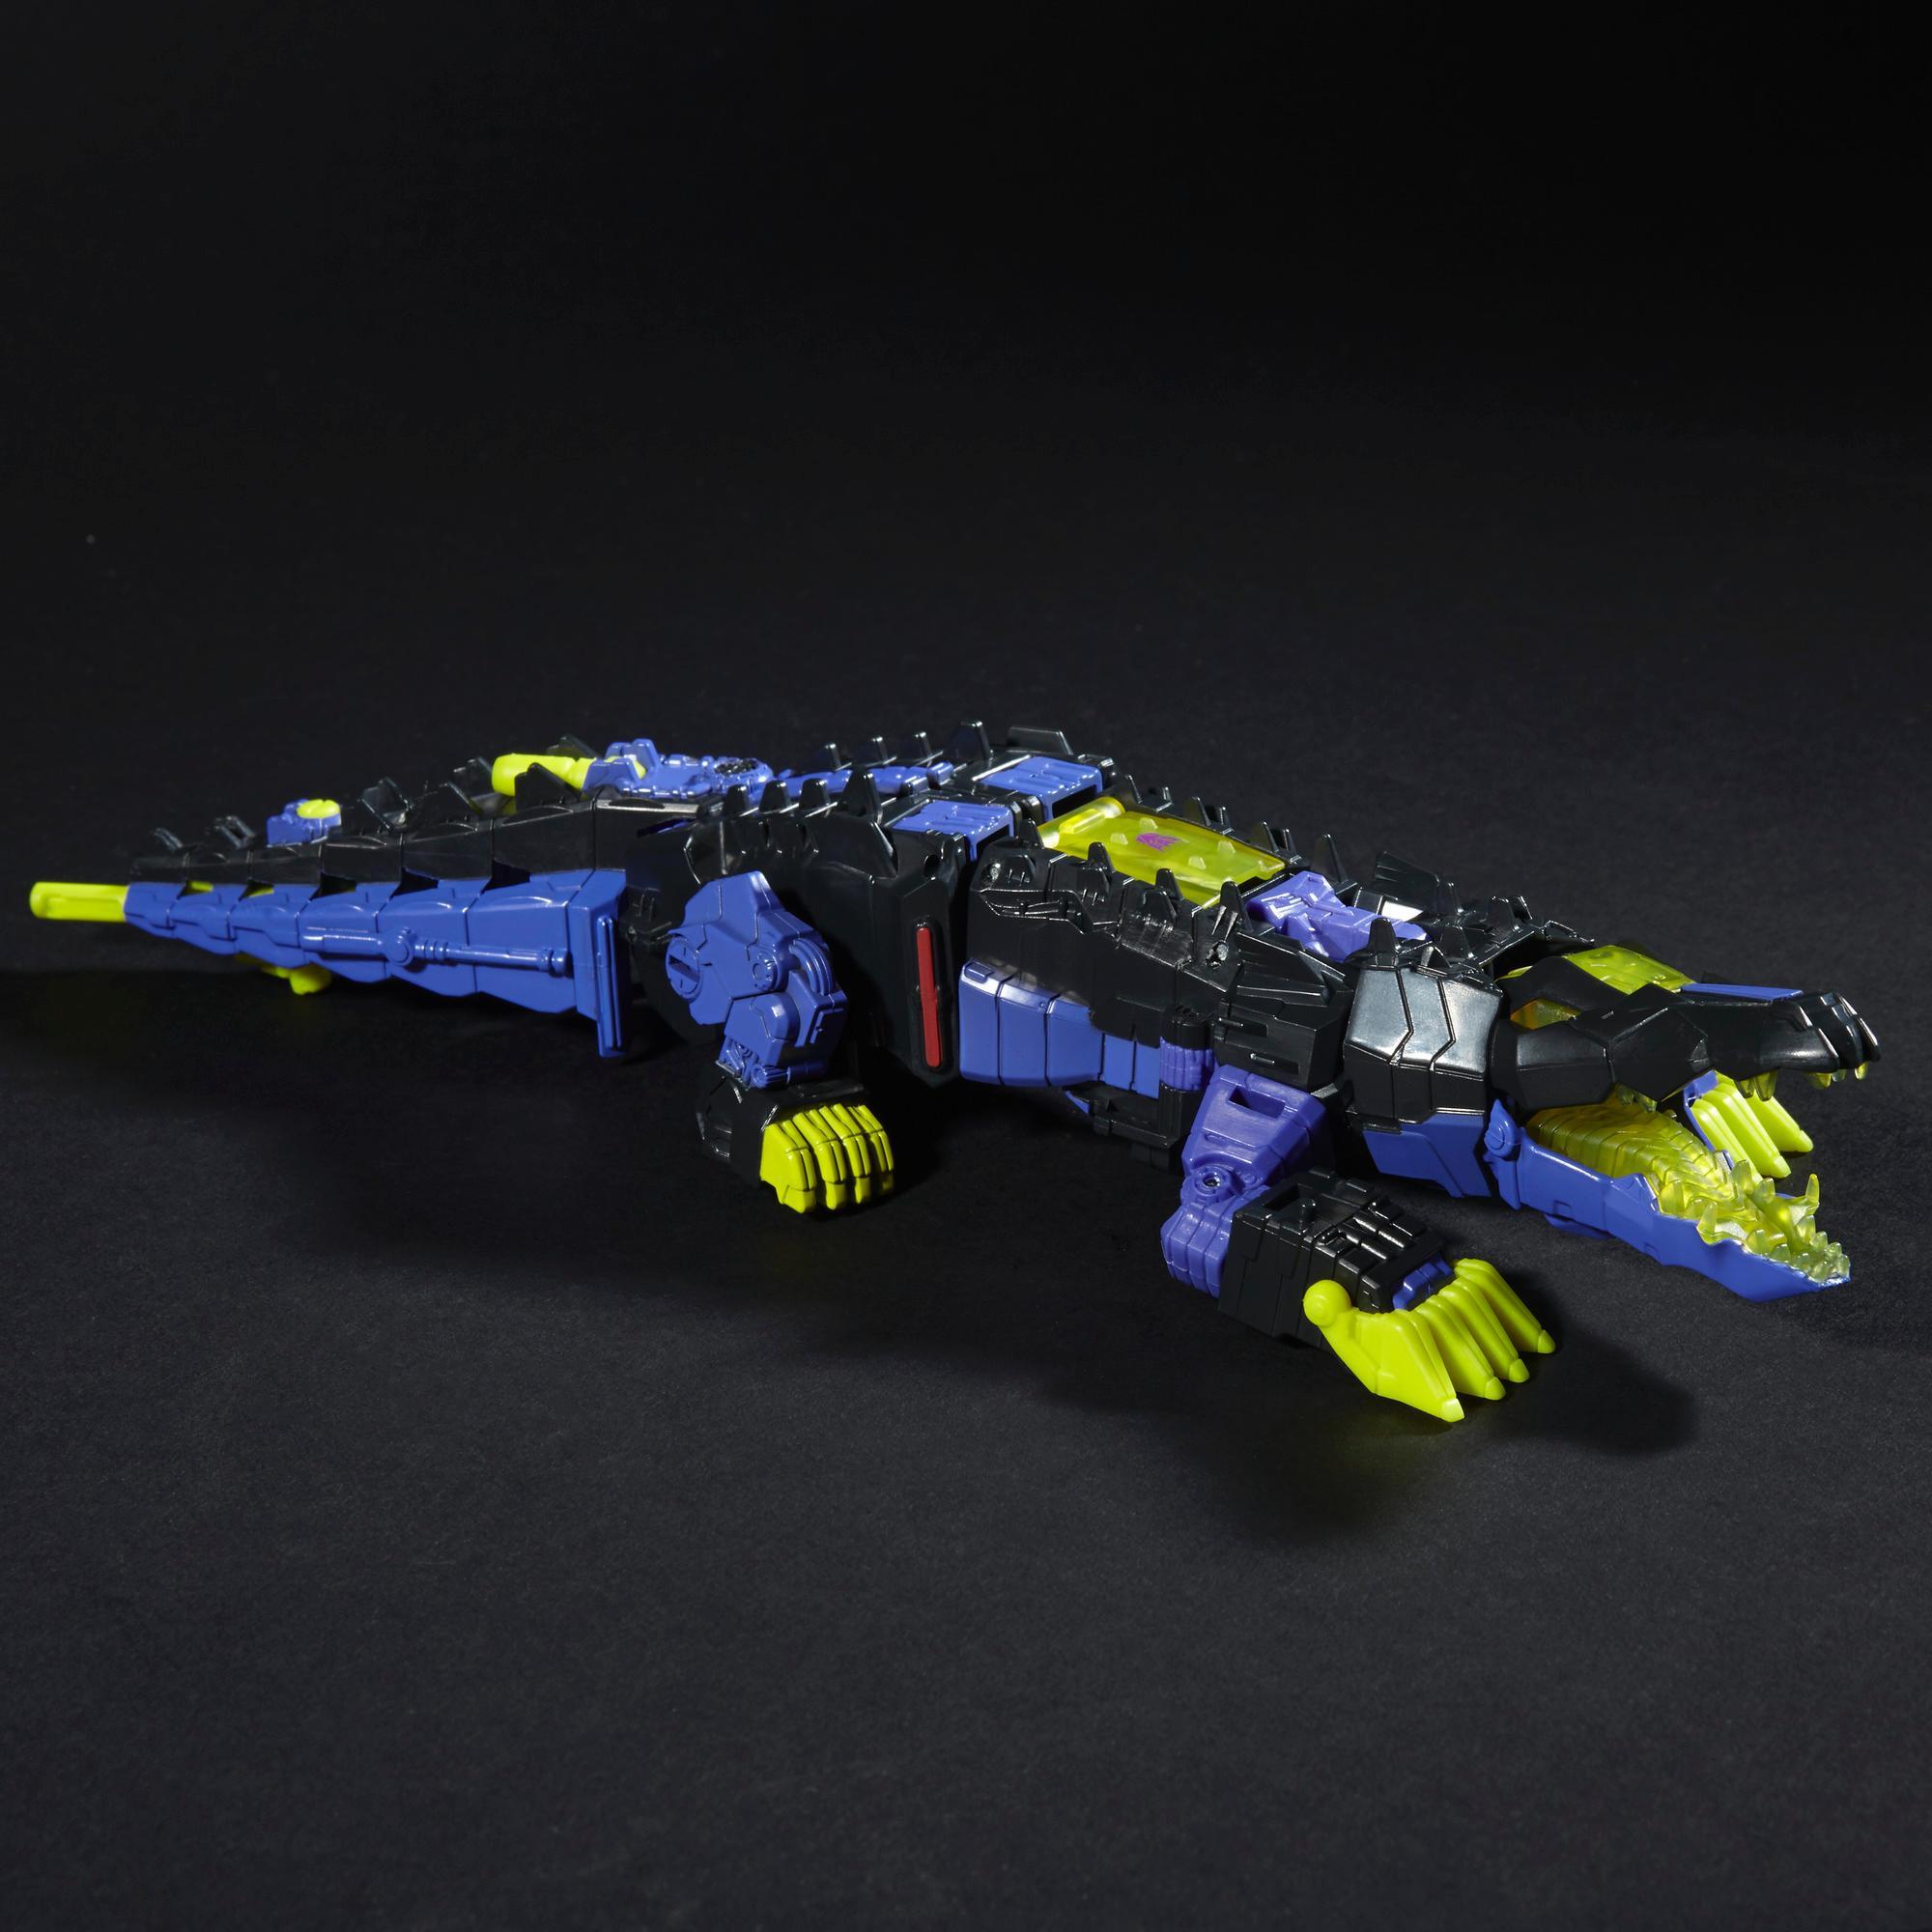 Decepticon Krok și Gatorface din gama Întoarcerea Titanilor, seria Transformers Generations